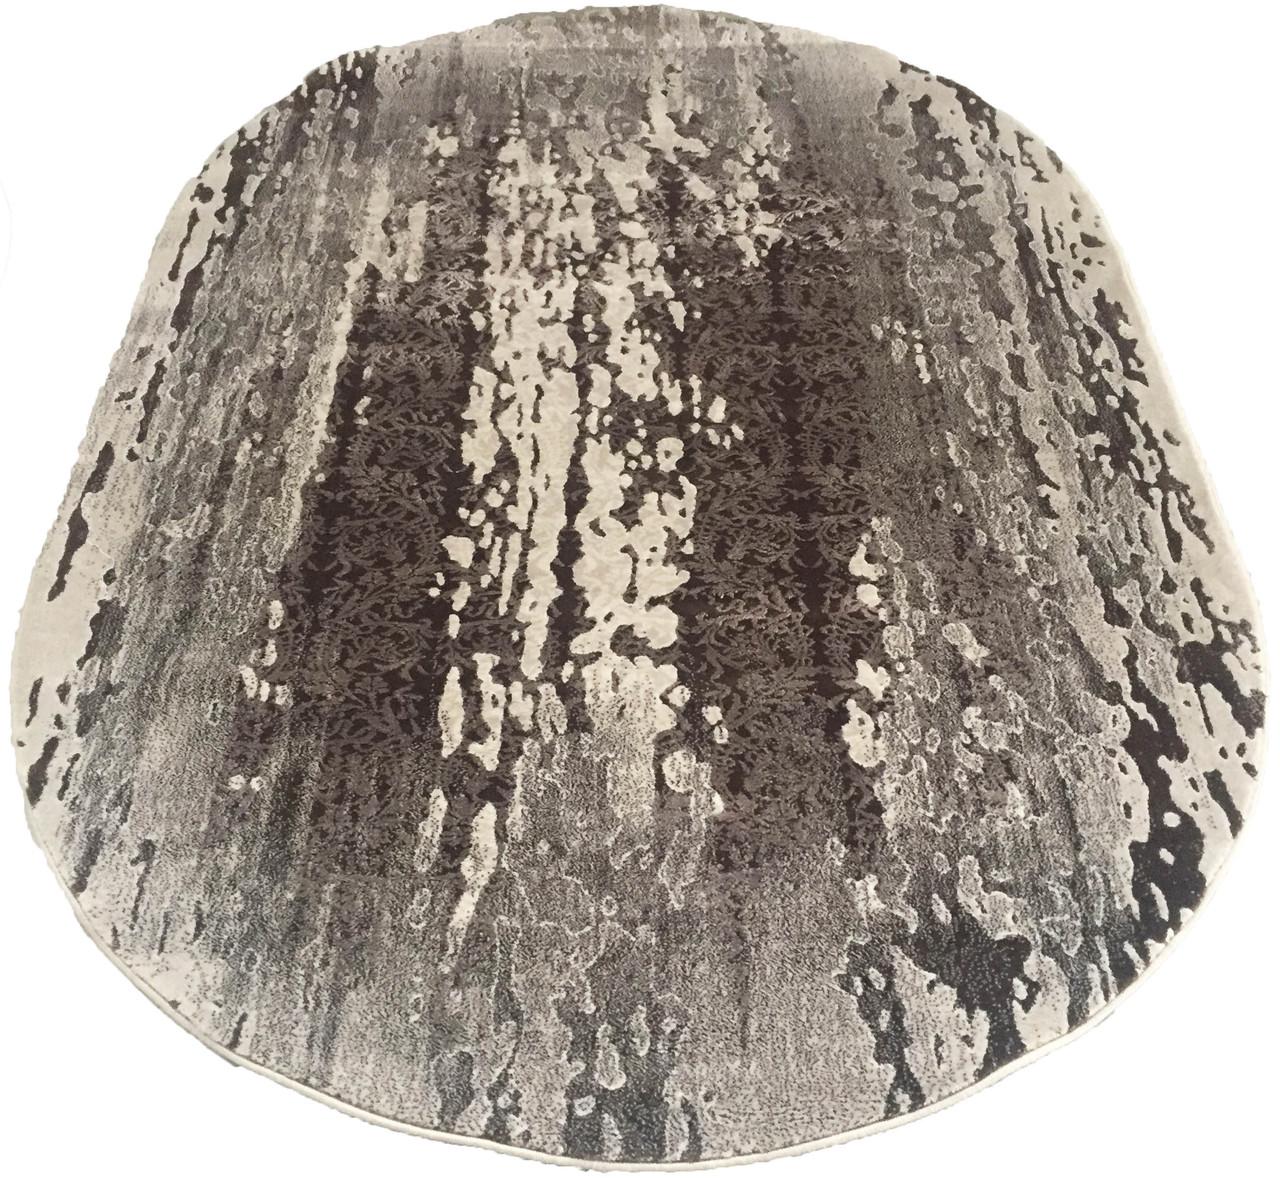 Ковер современный PATARA 0116 1,6Х2,35 Коричневый овал